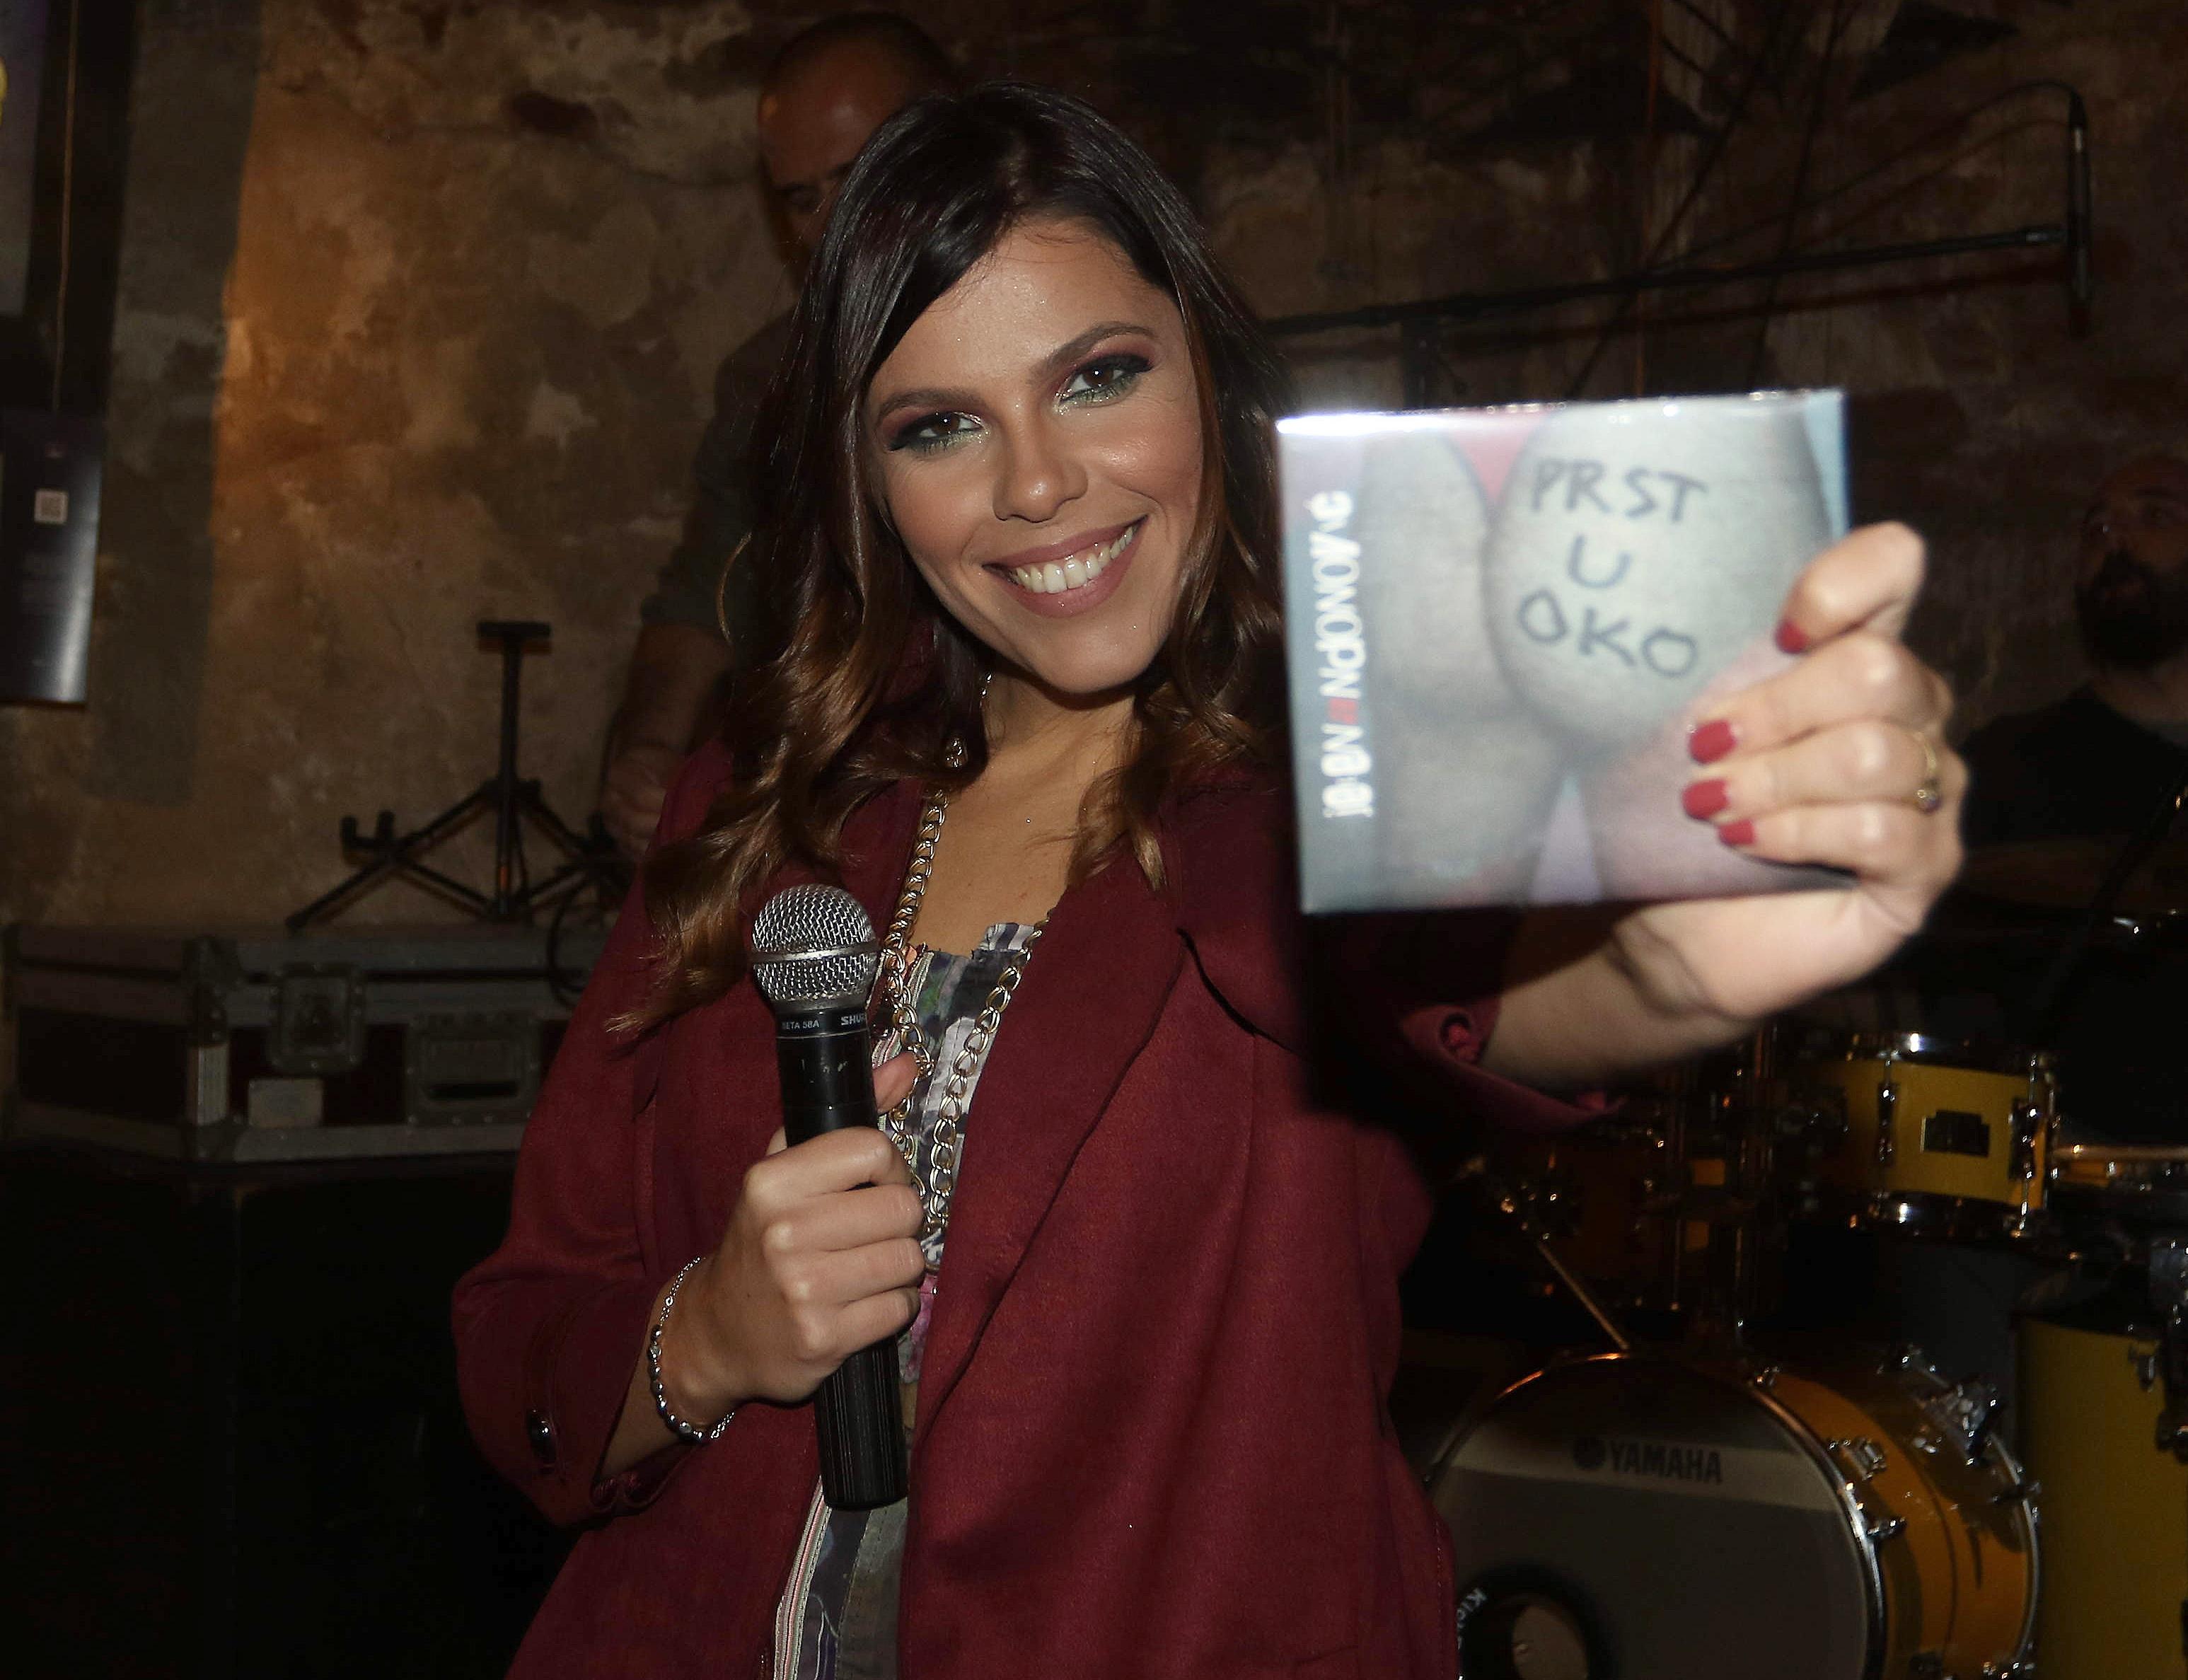 Prst u oko: Jelena Andonović promovisala debi album